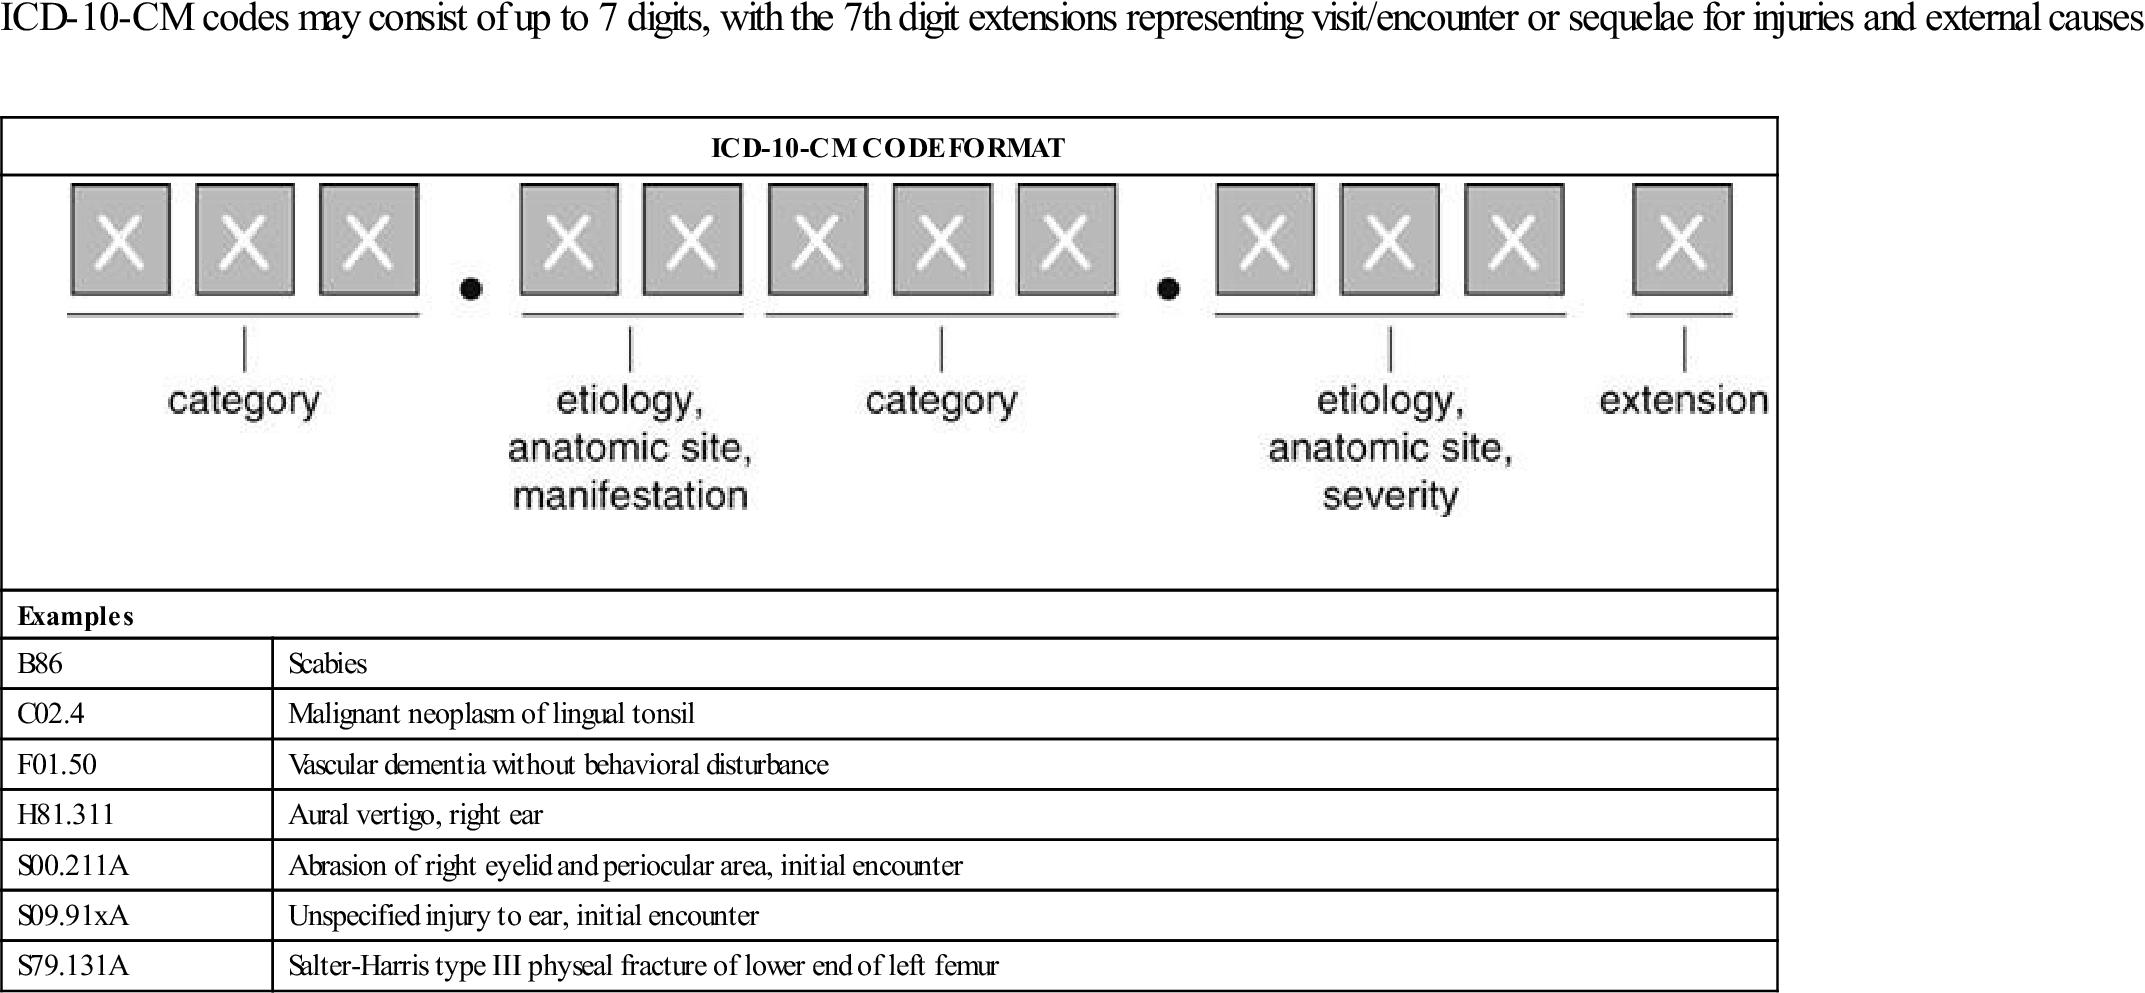 icd 10 code for acute vertigo